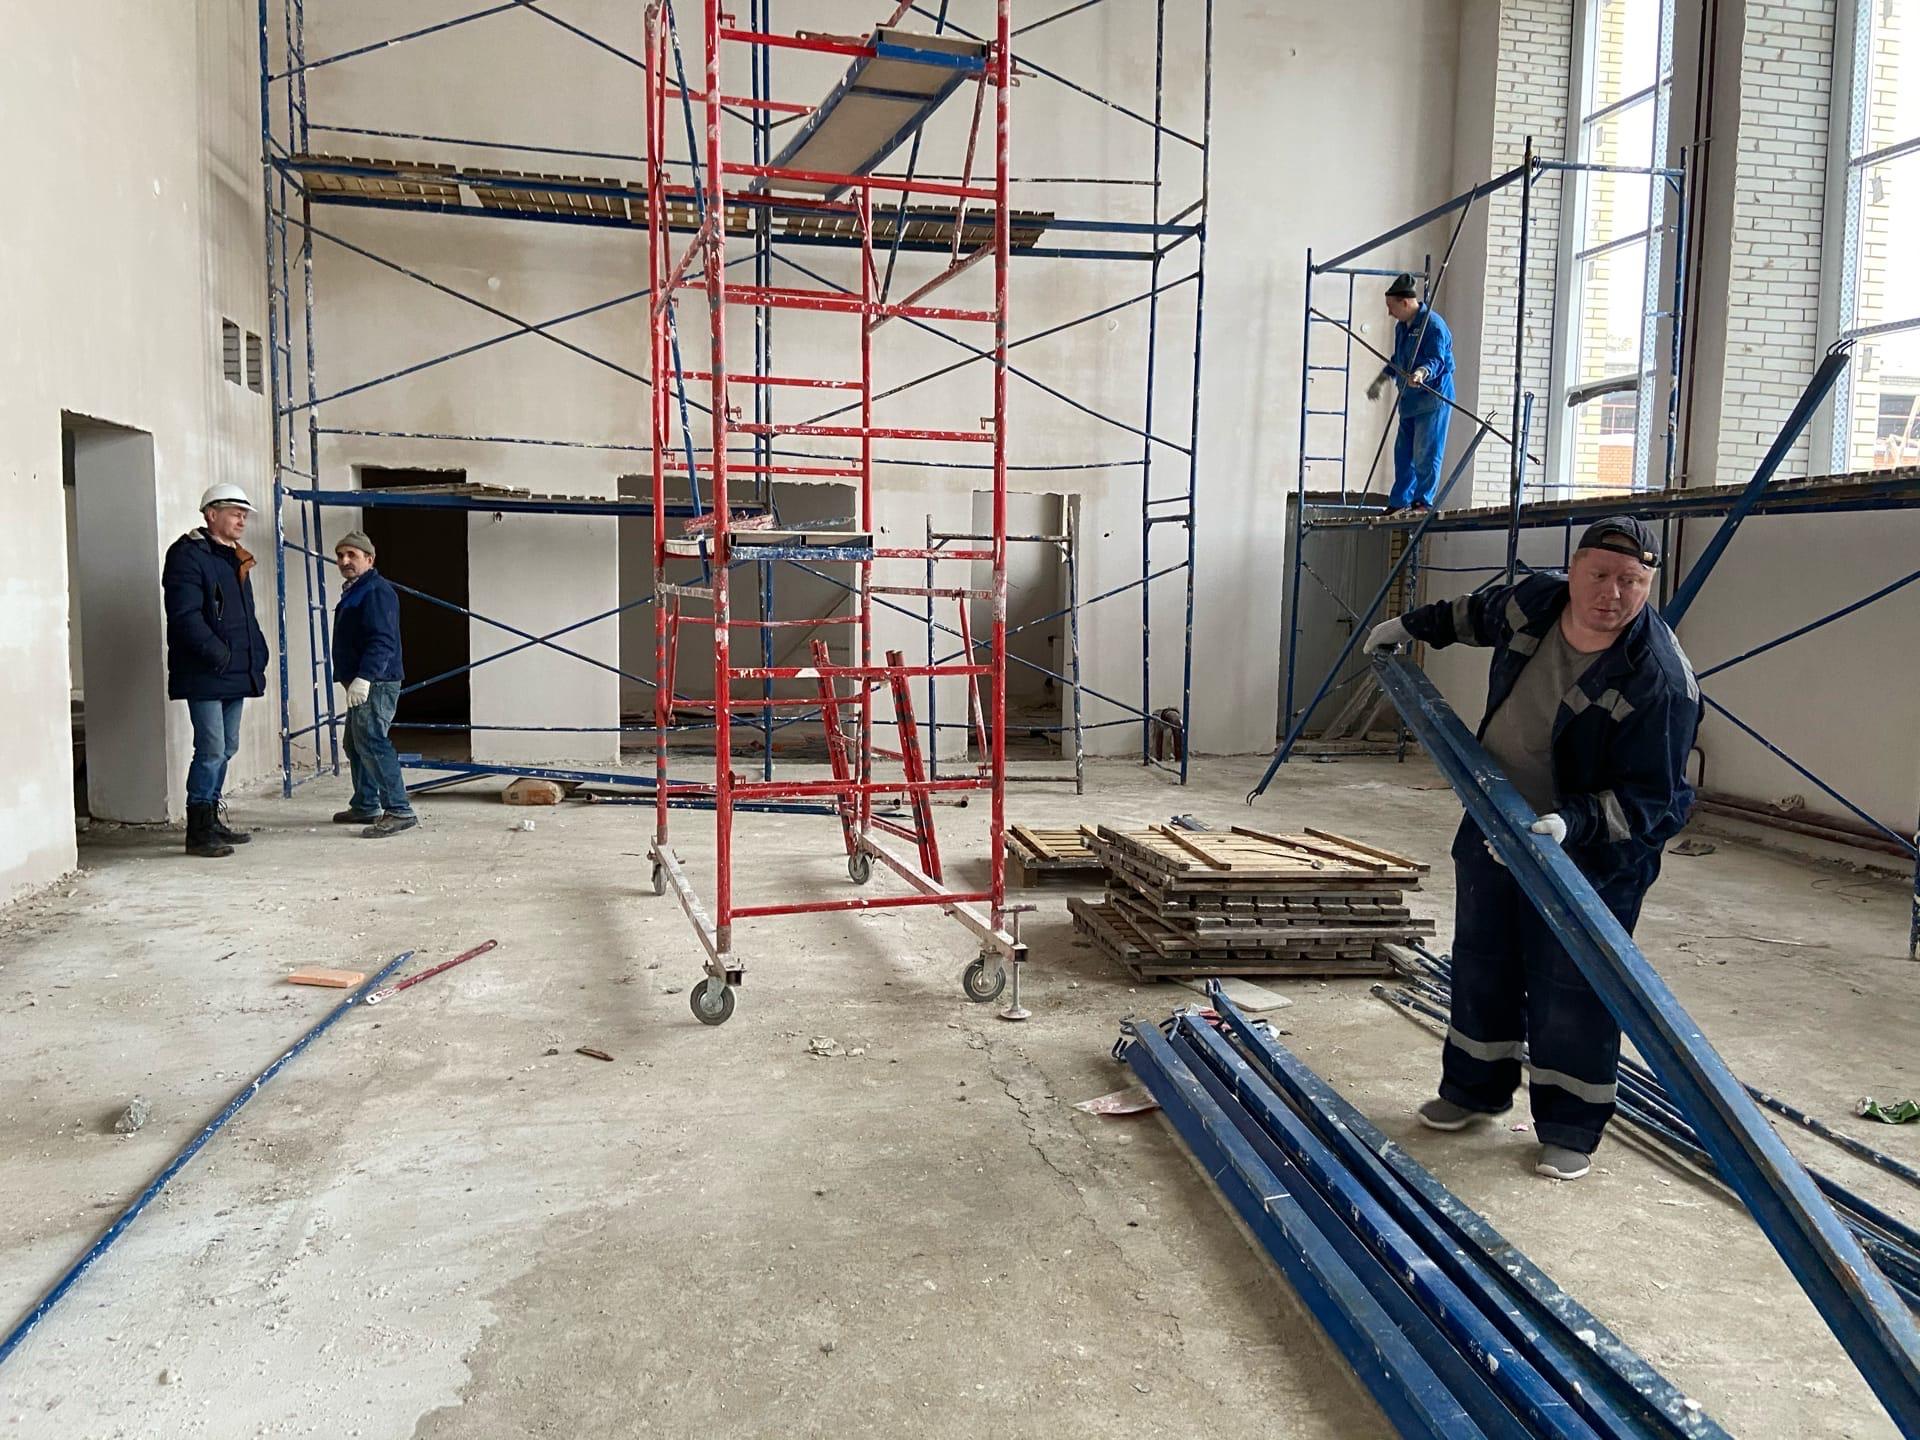 Дмитрий Миронов: такого школьного строительства не было в регионе несколько десятилетий